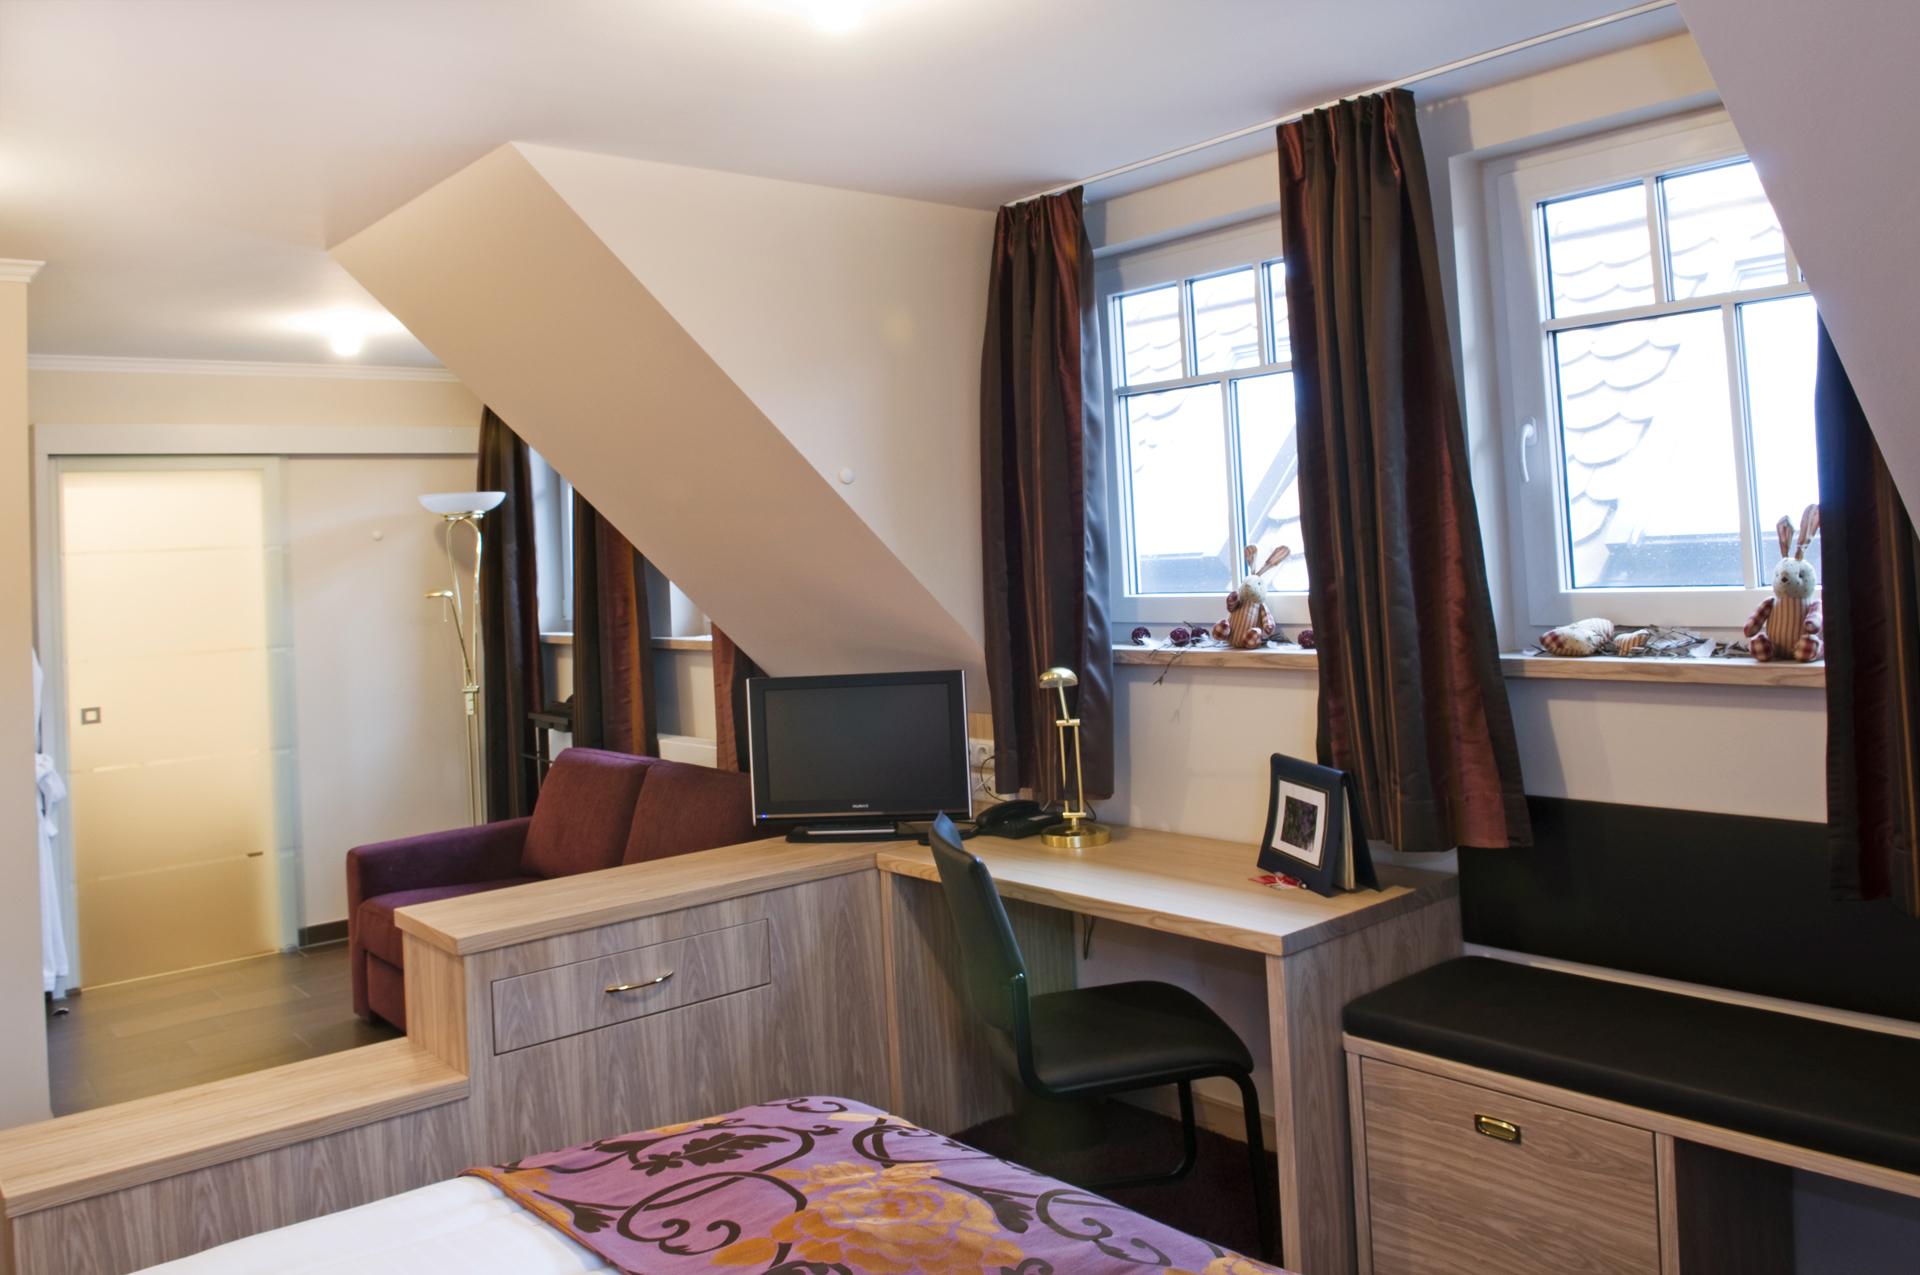 Objekteinrichtung Hotel Hotel Wurm Objekteinrichtungen Und Schreinerei Bodenschlagel